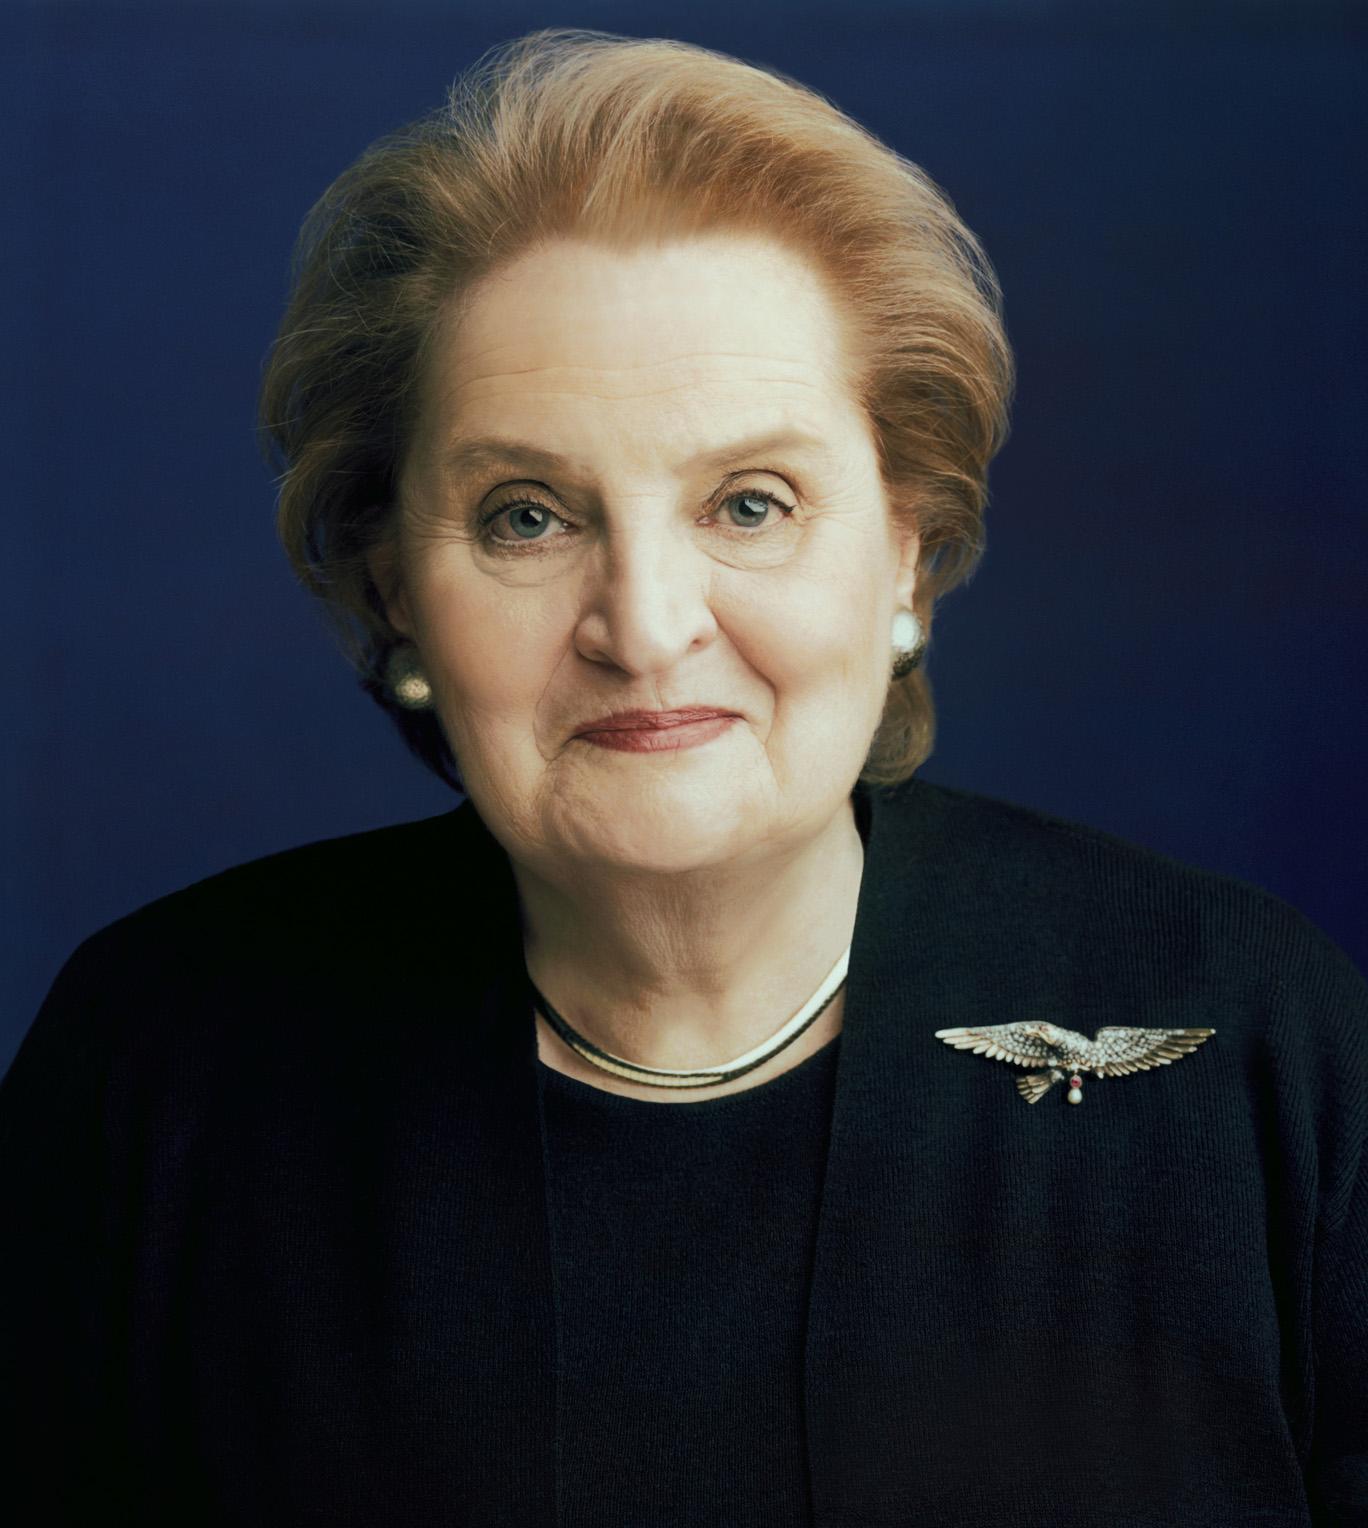 Madeleine Albright - amerykańska sekretarz stanu podczas prezydentury Billa Clintona